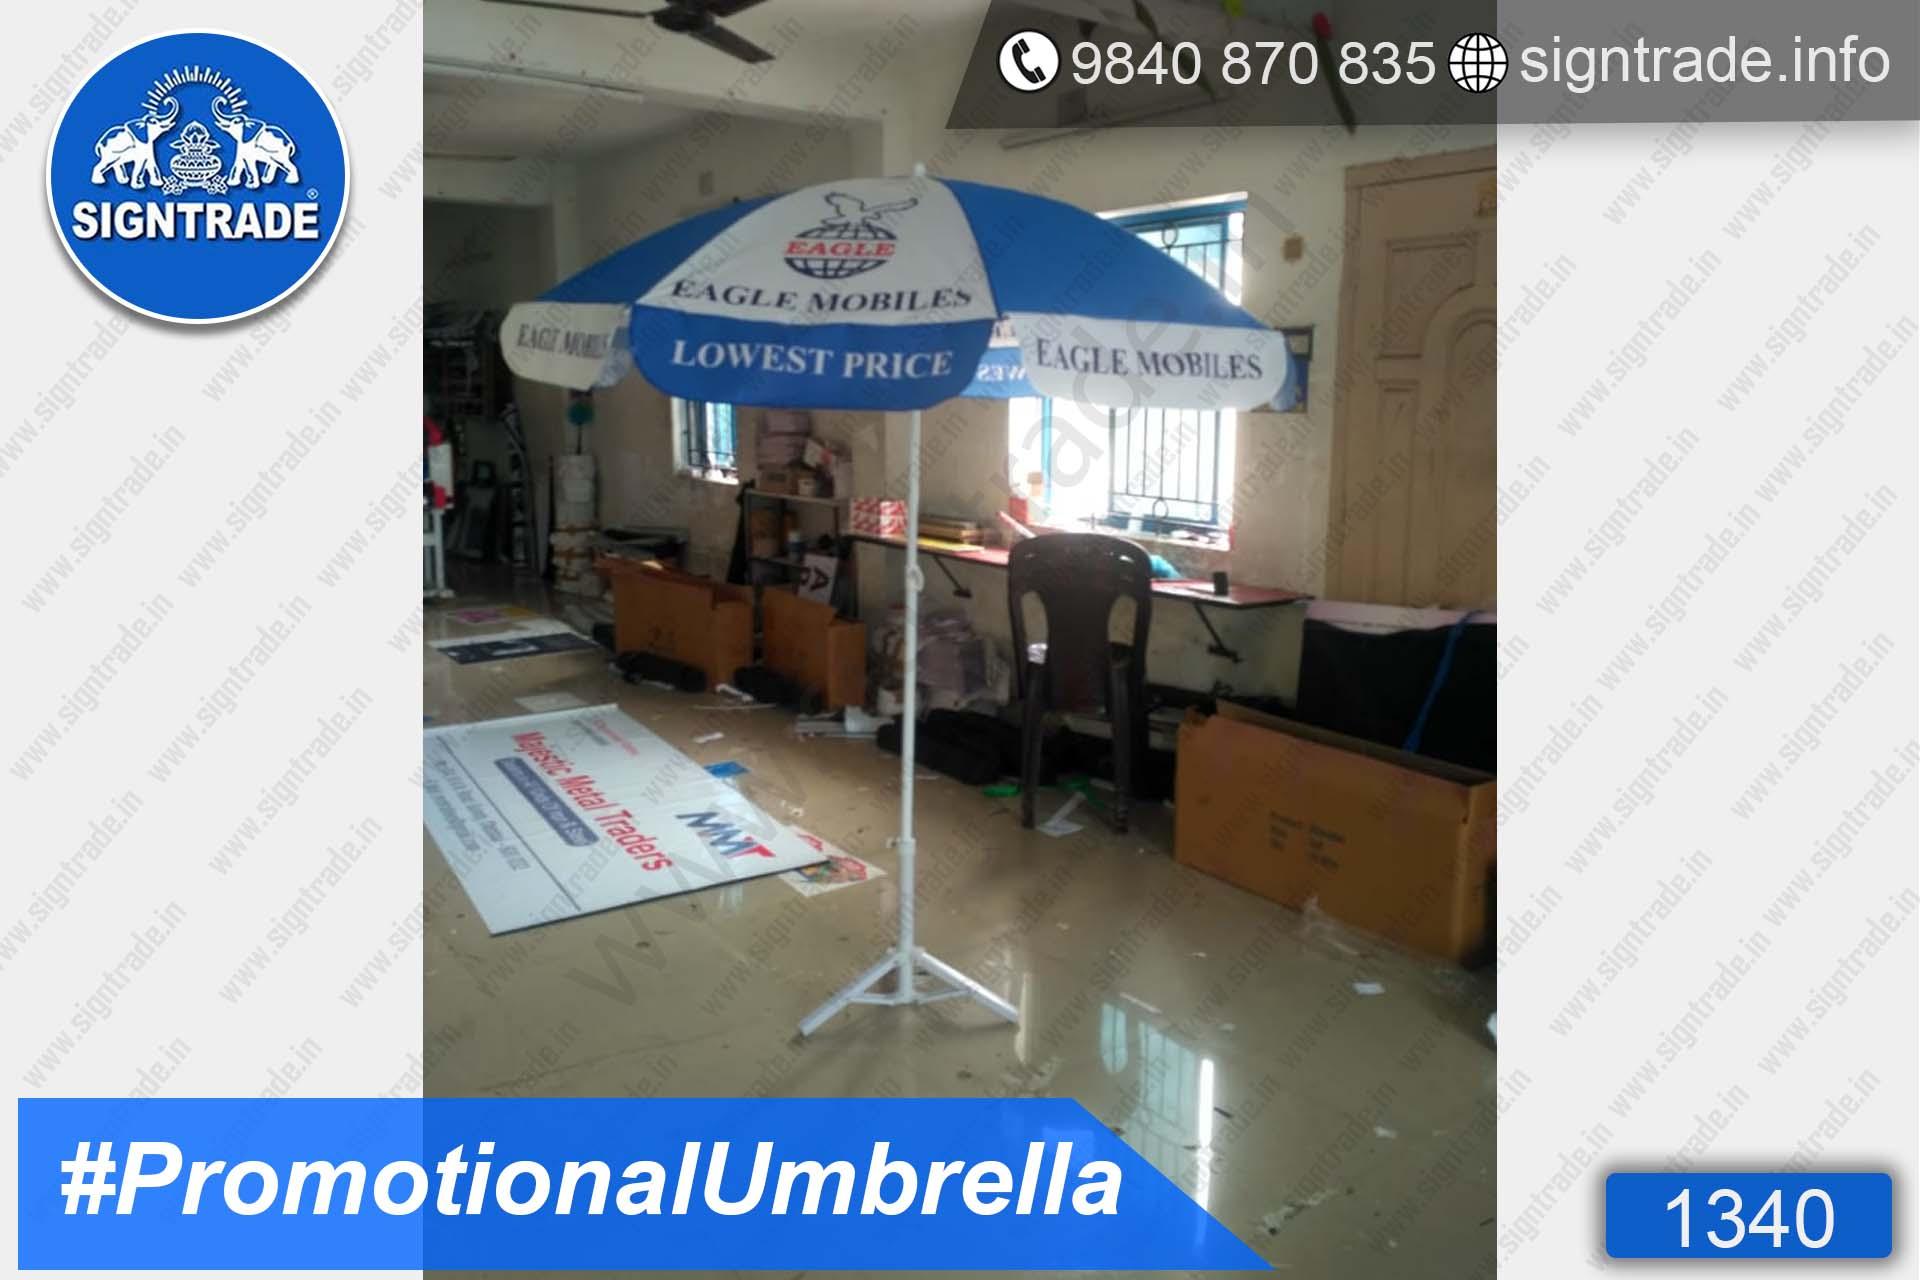 Eagle Mobiles - Promotional Umbrella - Chennai